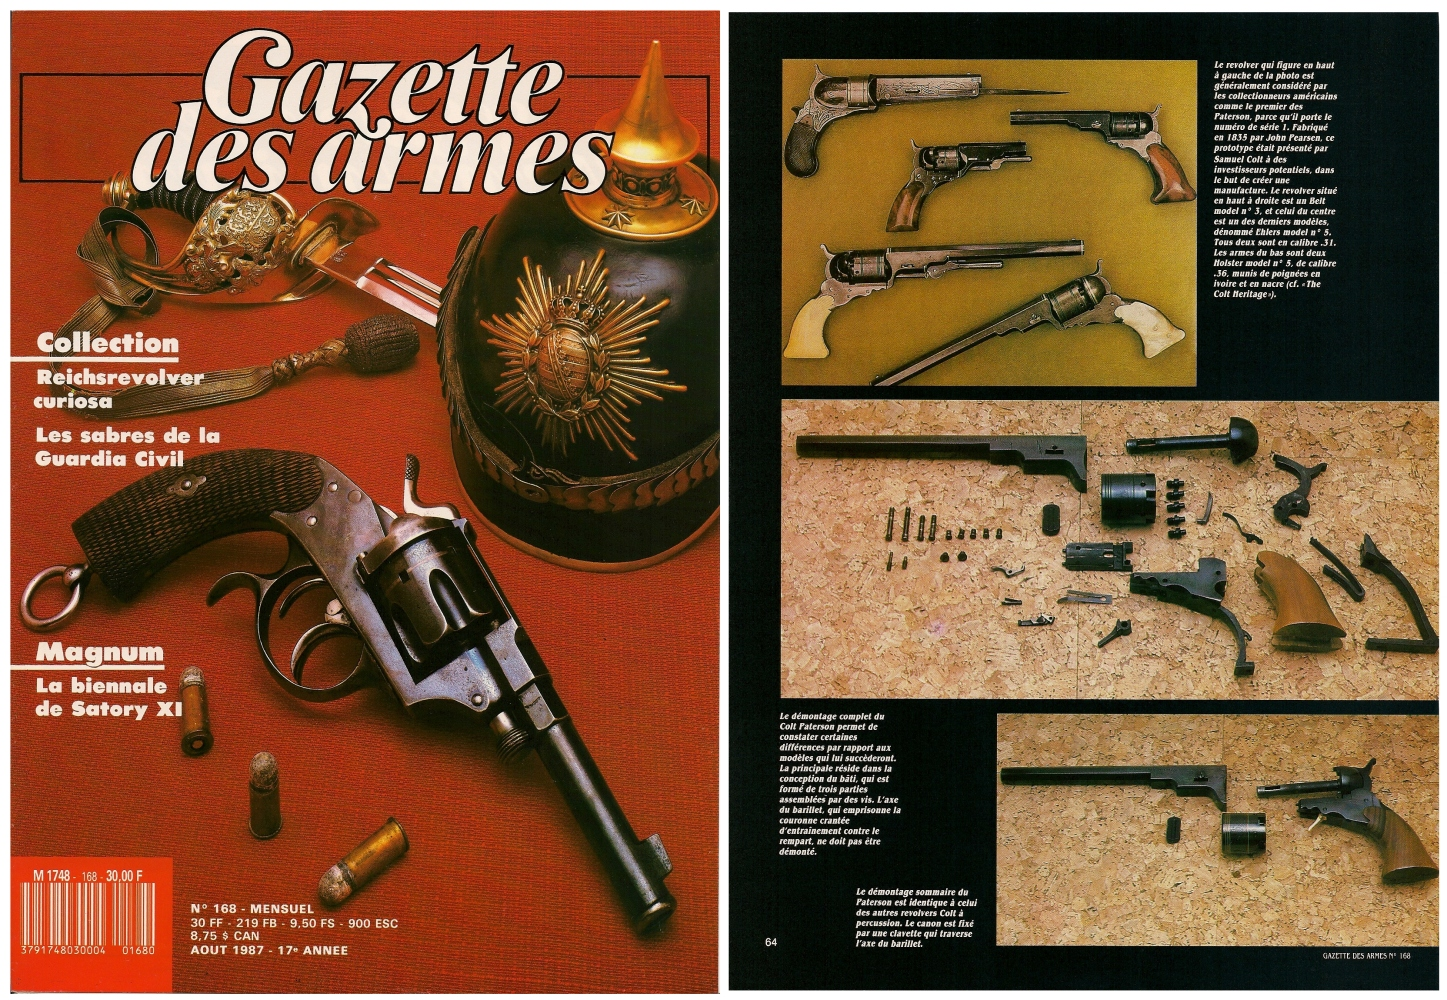 Le banc d'essai des répliques du Colt Paterson a été publié sur 8 pages dans le magazine Gazette des Armes n°168 (août 1987)